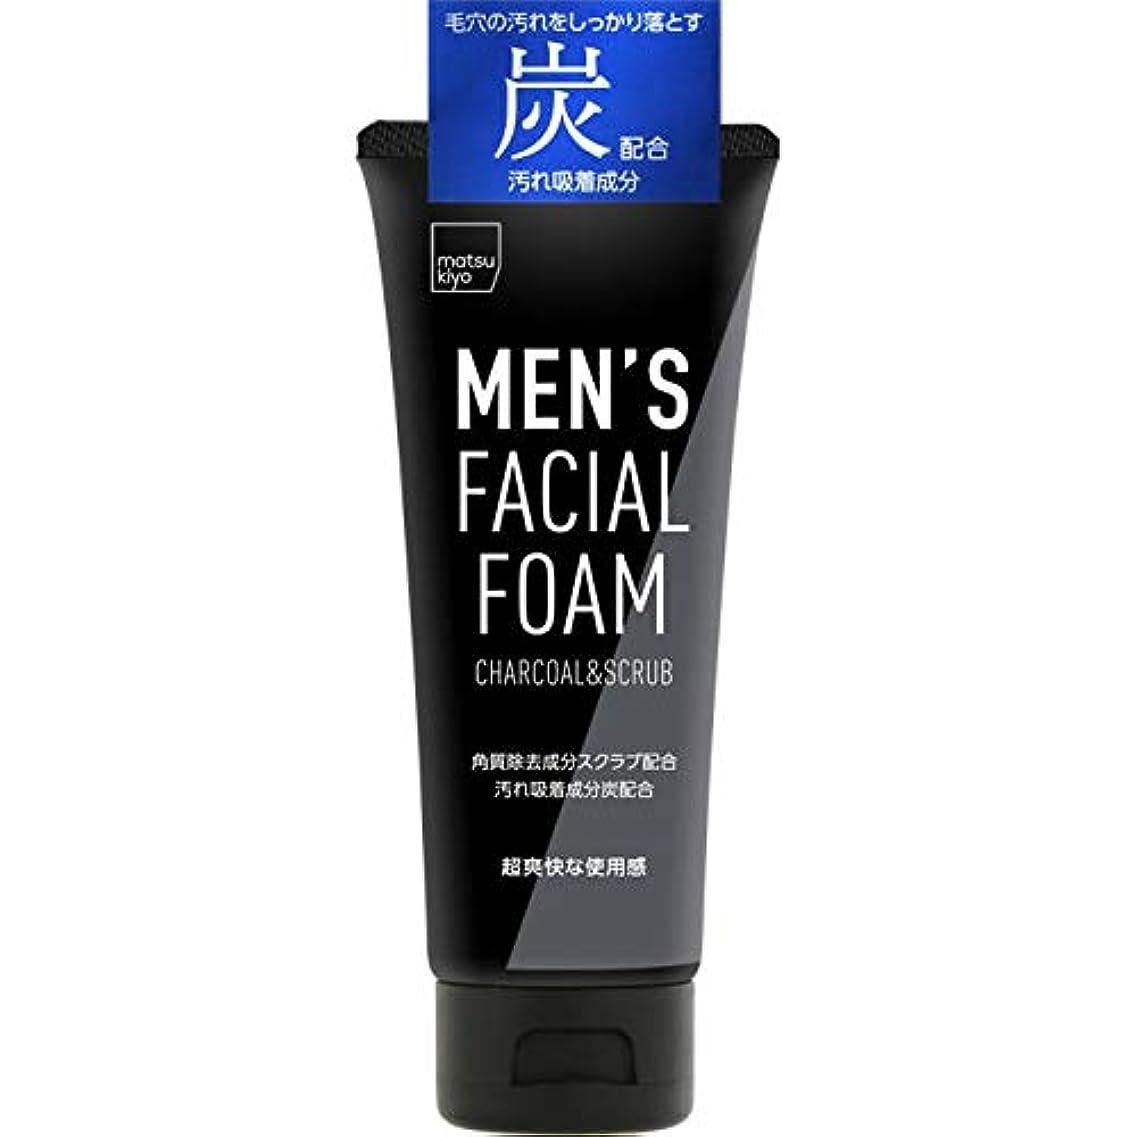 耐えられないジェムドキュメンタリー熊野油脂 matsukiyo mk メンズスクラブ洗顔フォーム 炭配合 130g